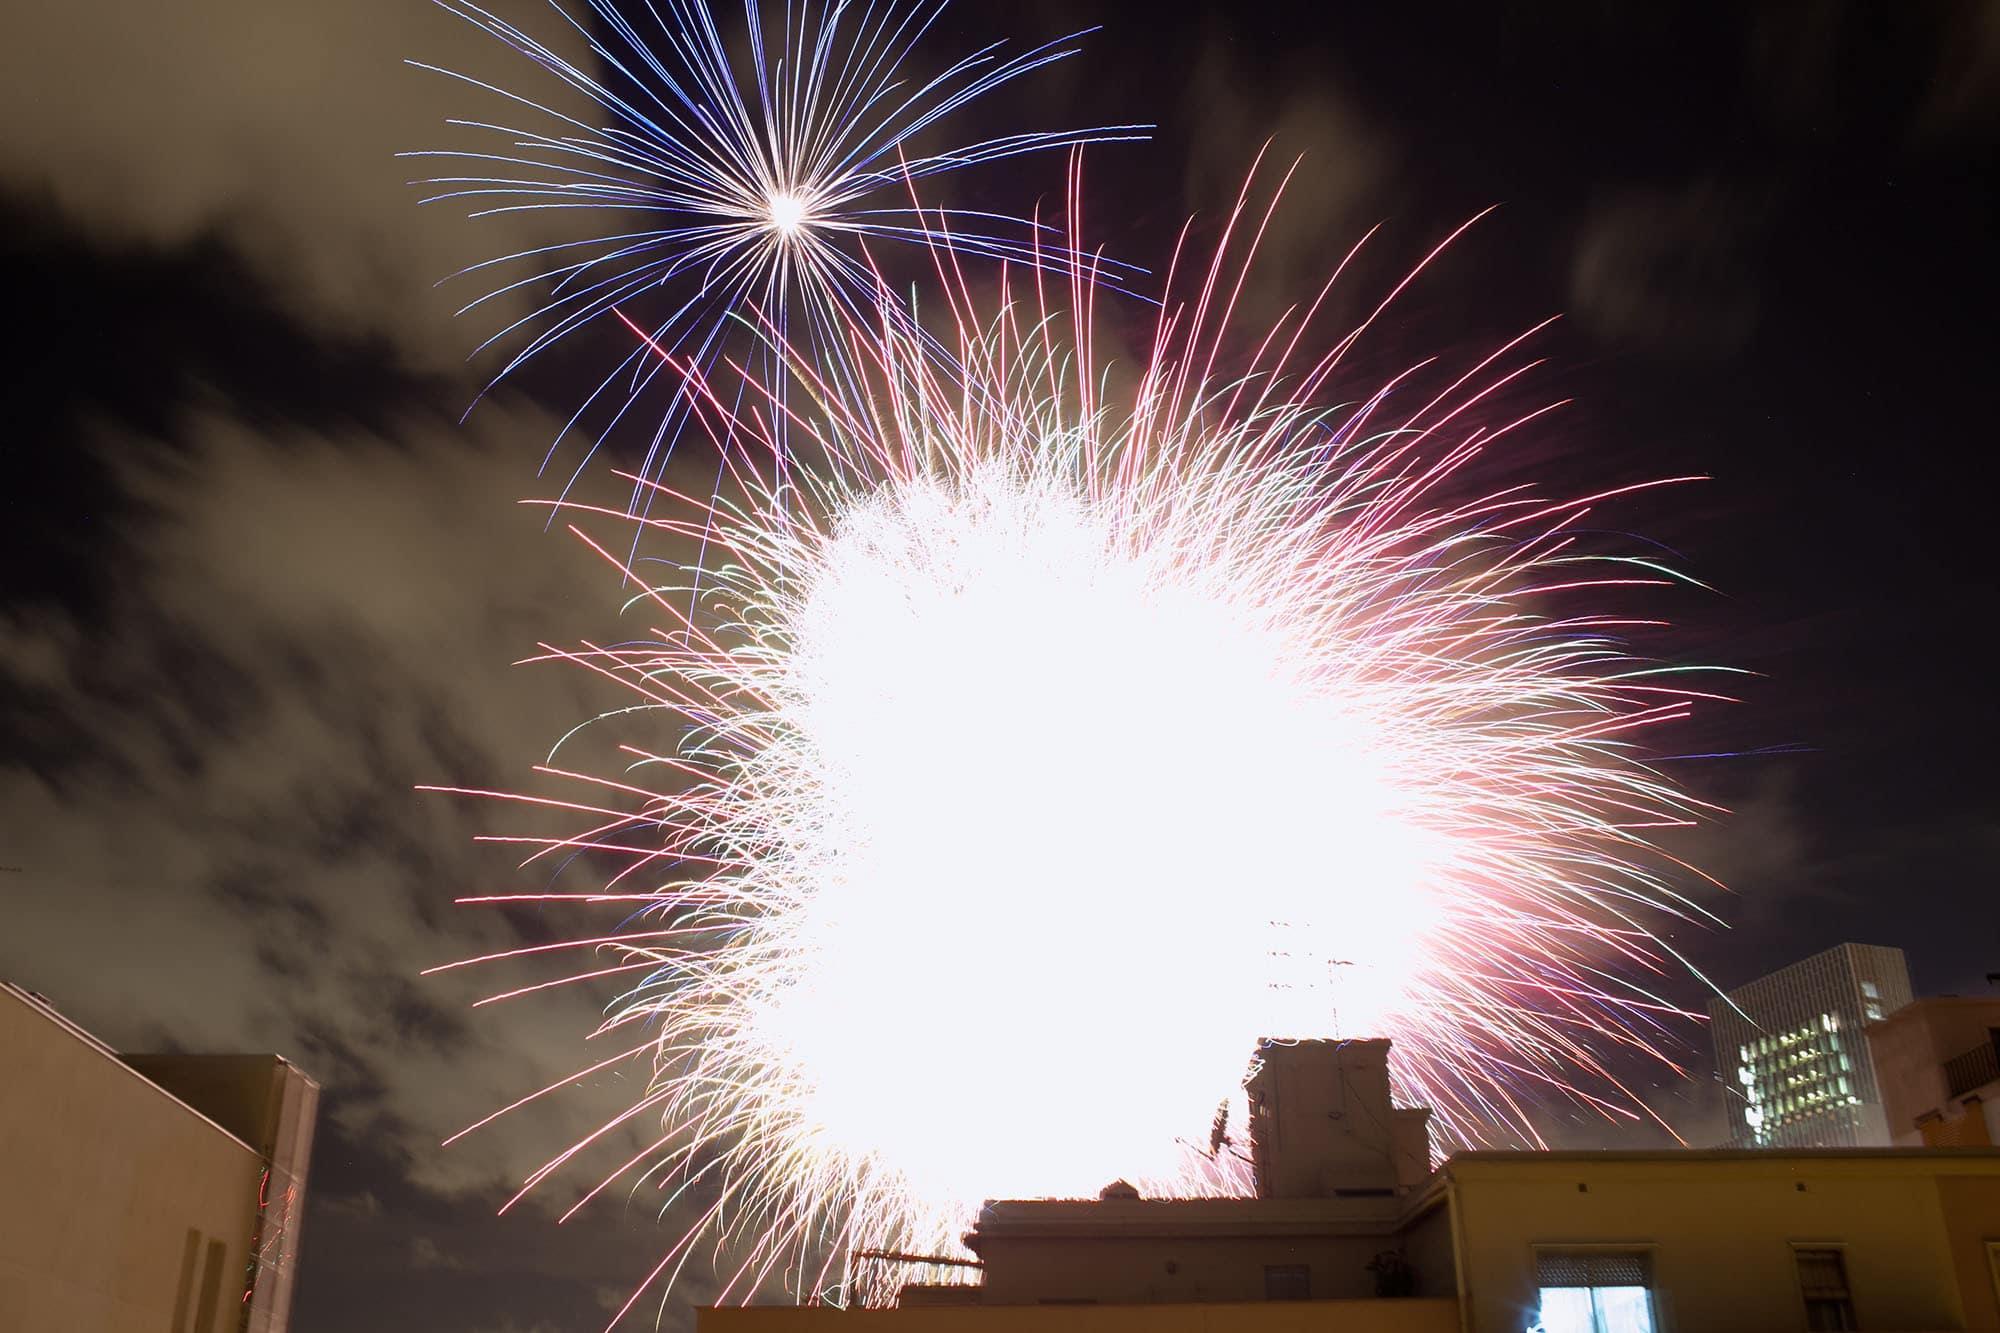 Fireworks in Barcelona, Spain